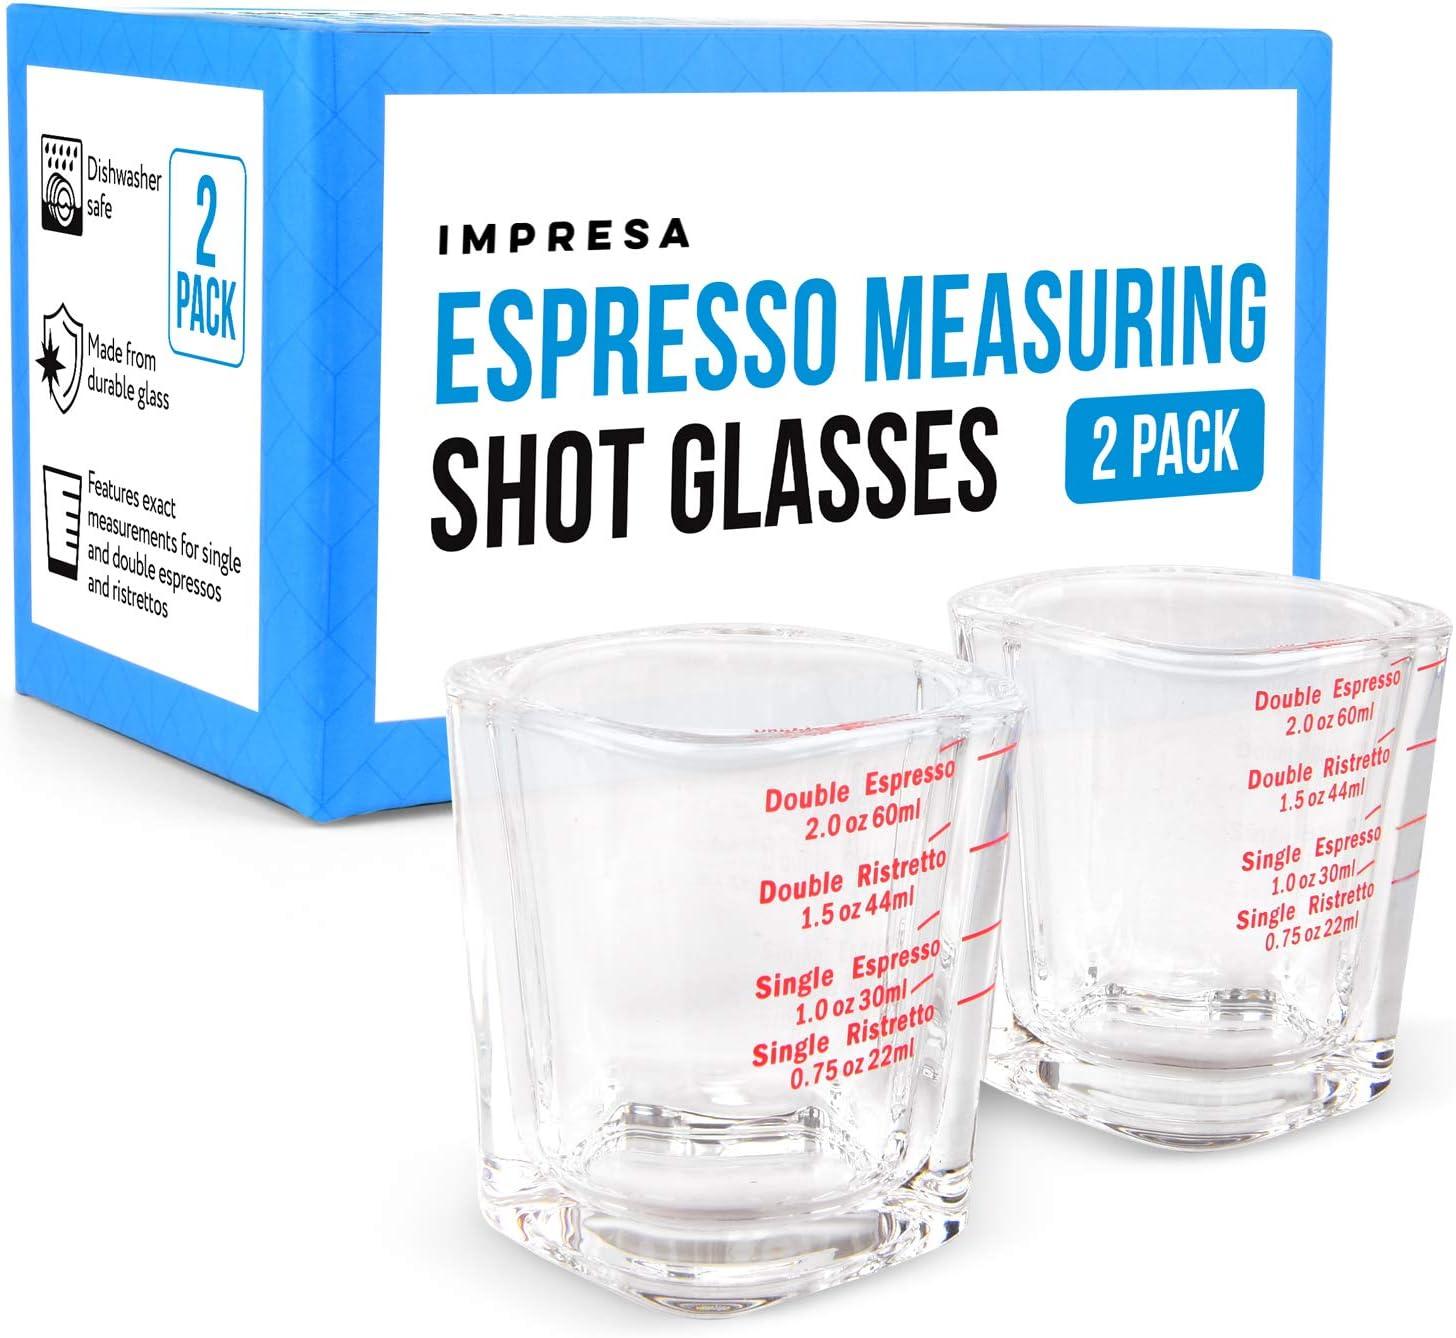 2 Pack Excellent online shop Espresso Measuring Shot Glasses Home for Baristas Us or